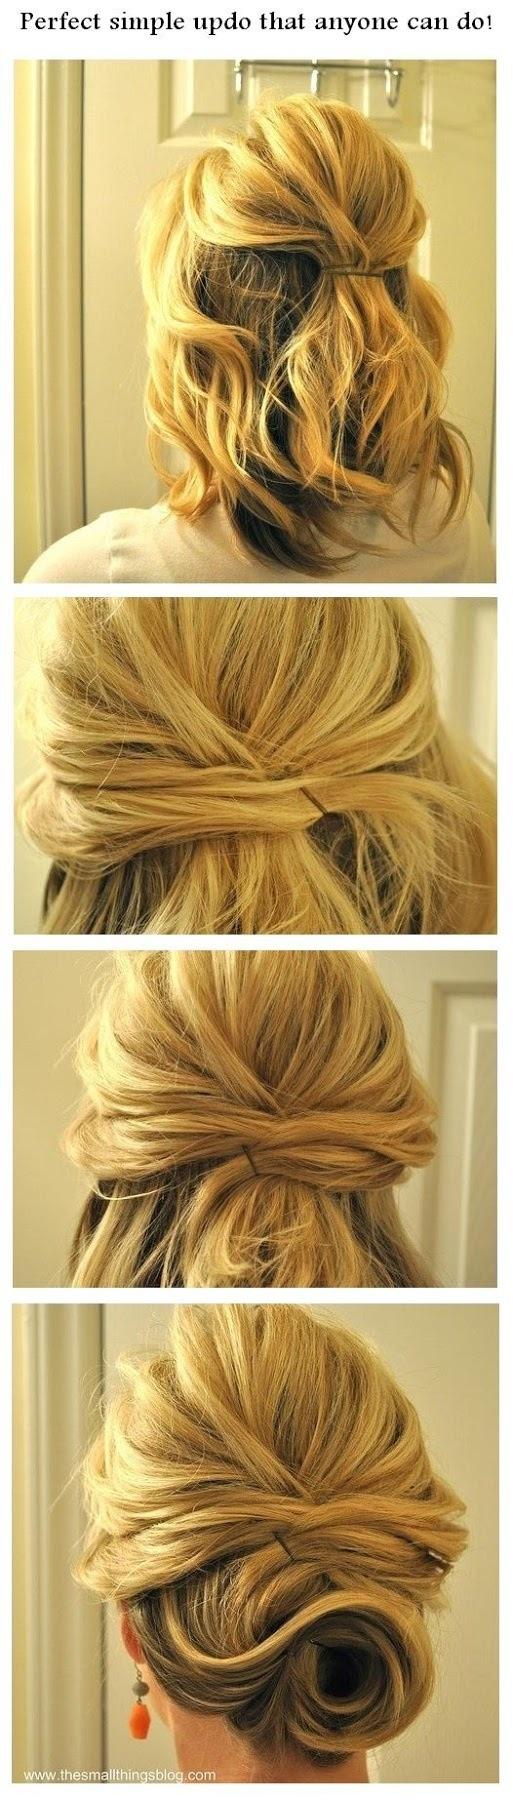 ideas para peinado de noche elegante